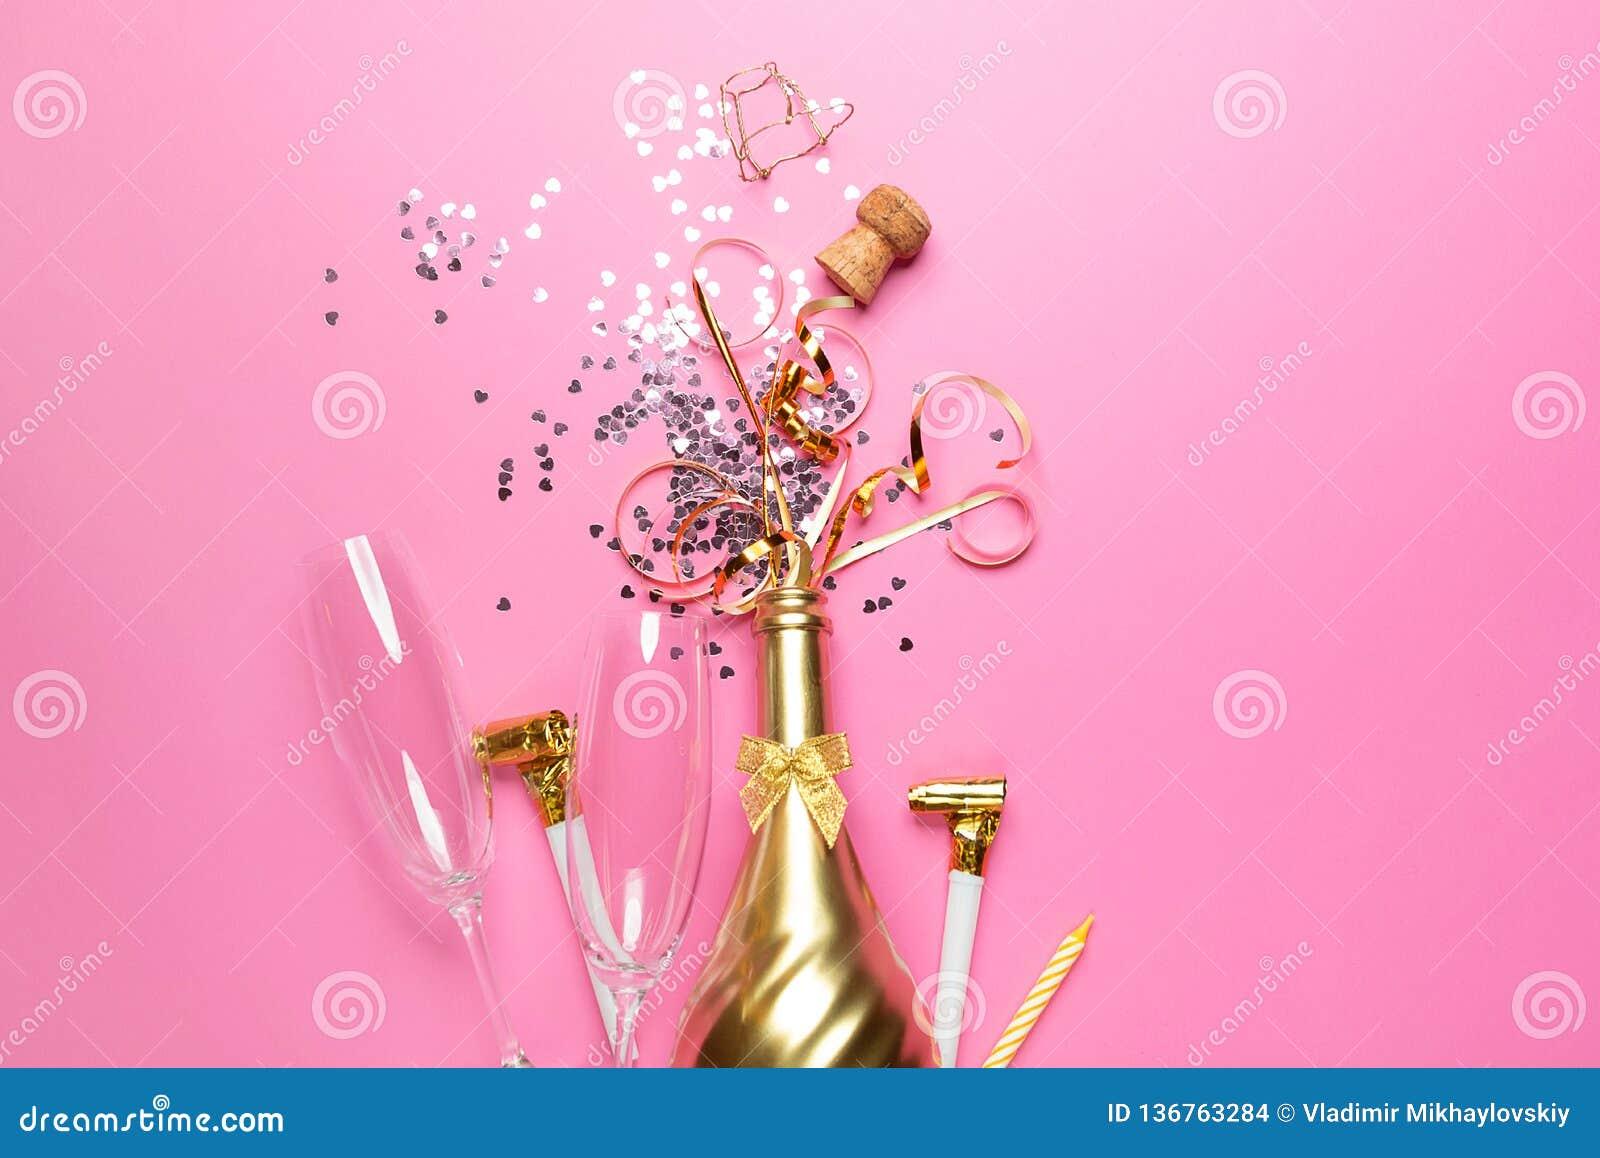 Concept het openen van een dure gouden champagnefles gewijd aan de viering